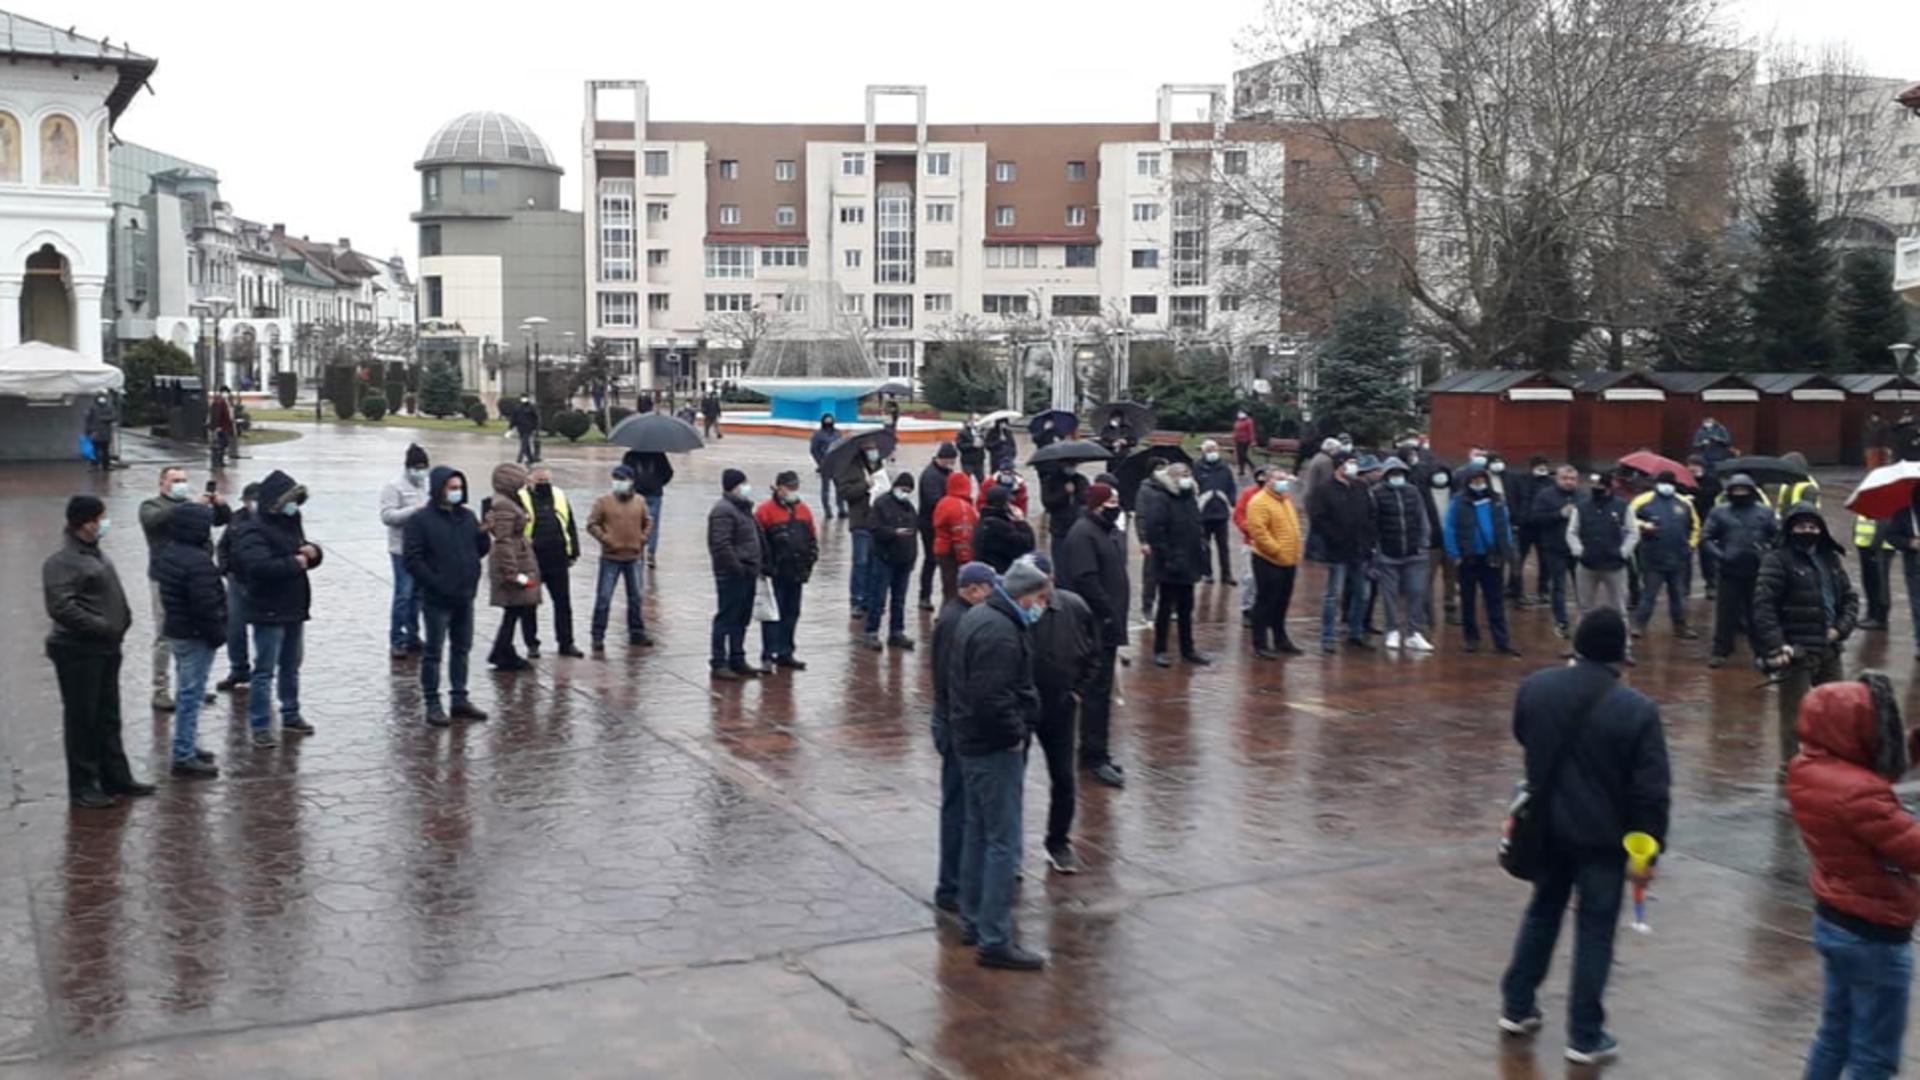 Minerii protestează în centrul orașului Tg. Jiu (sursă foto: Radio Infinit)